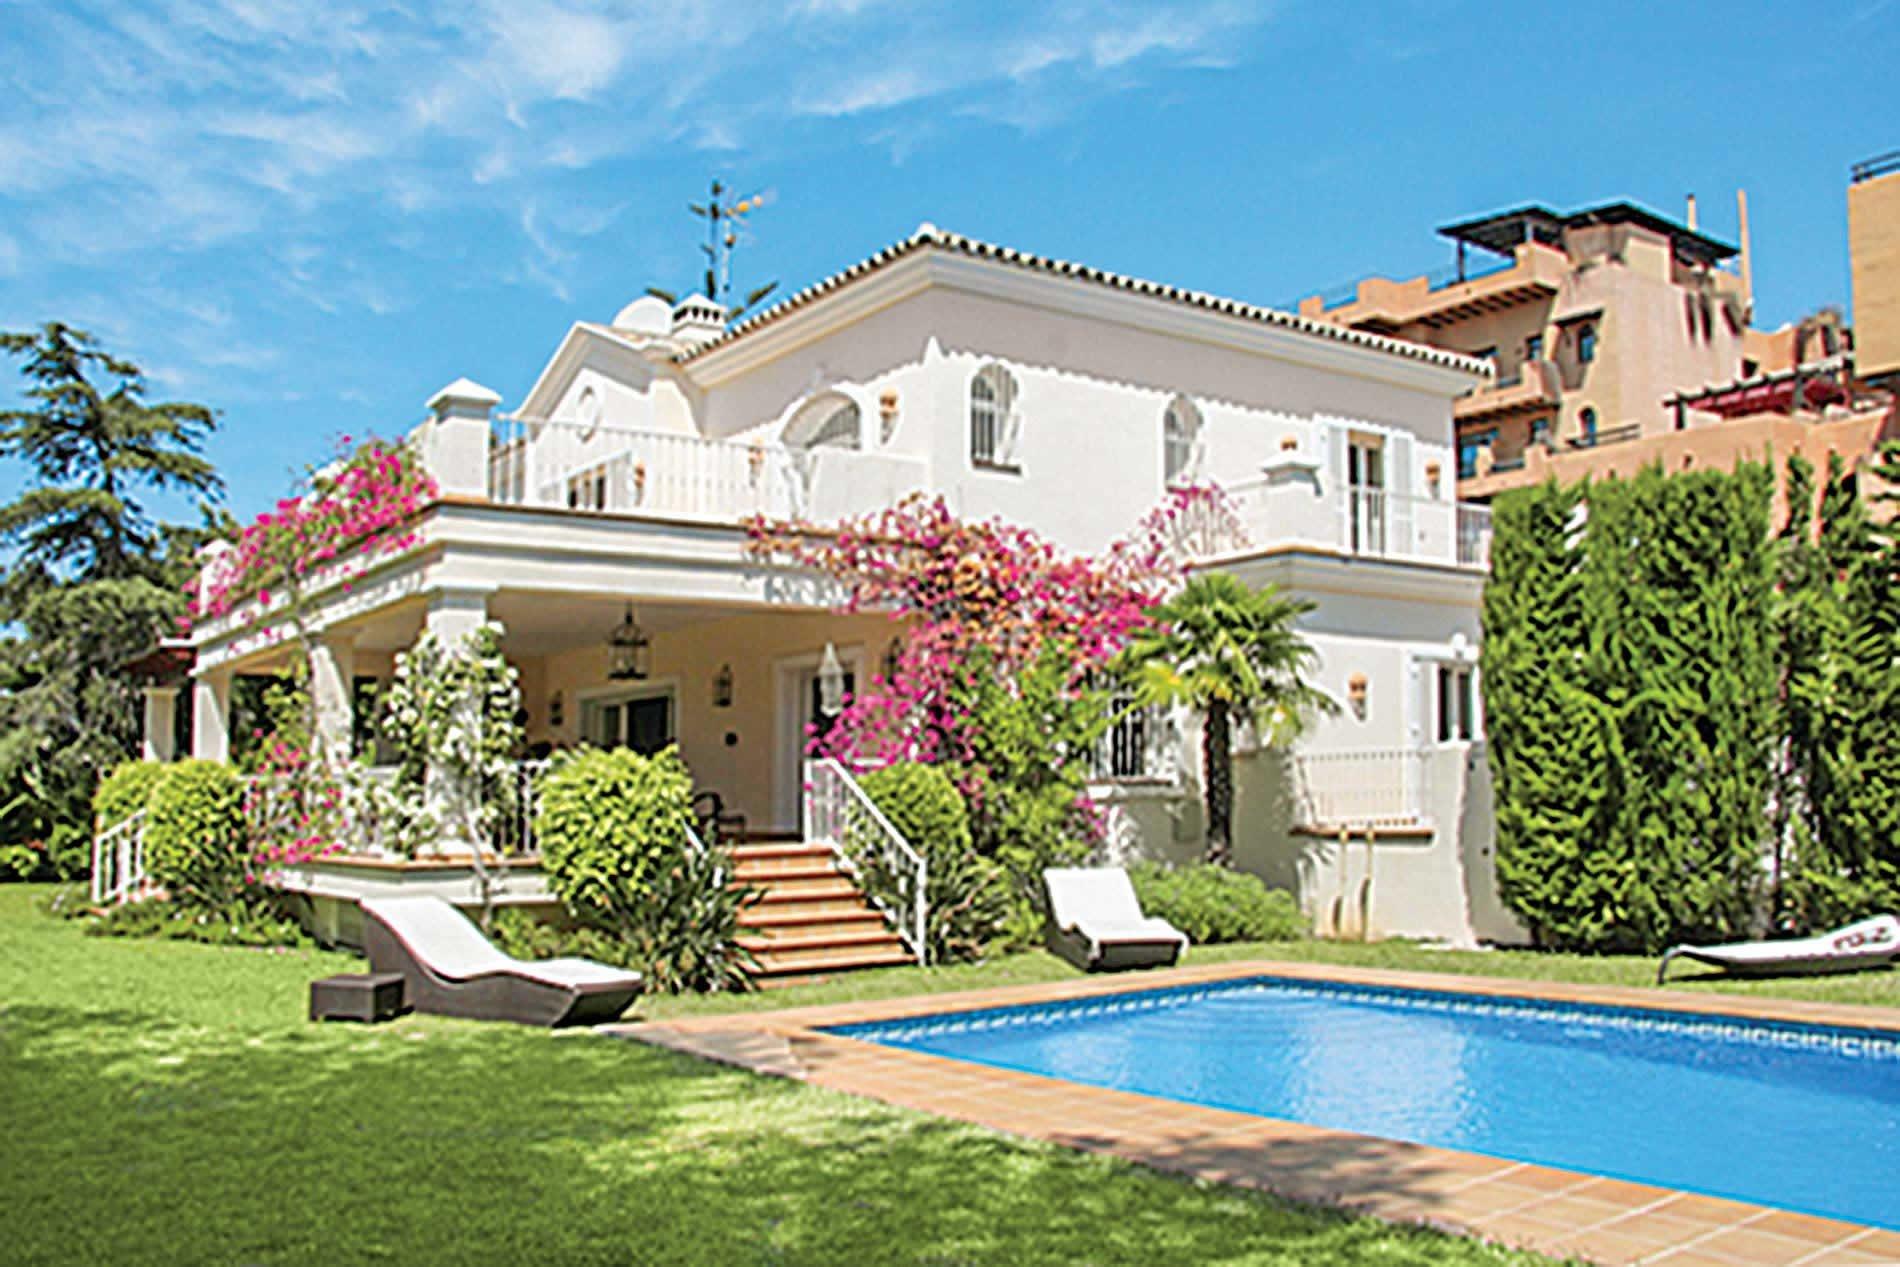 Habitacion Costa Hermosa